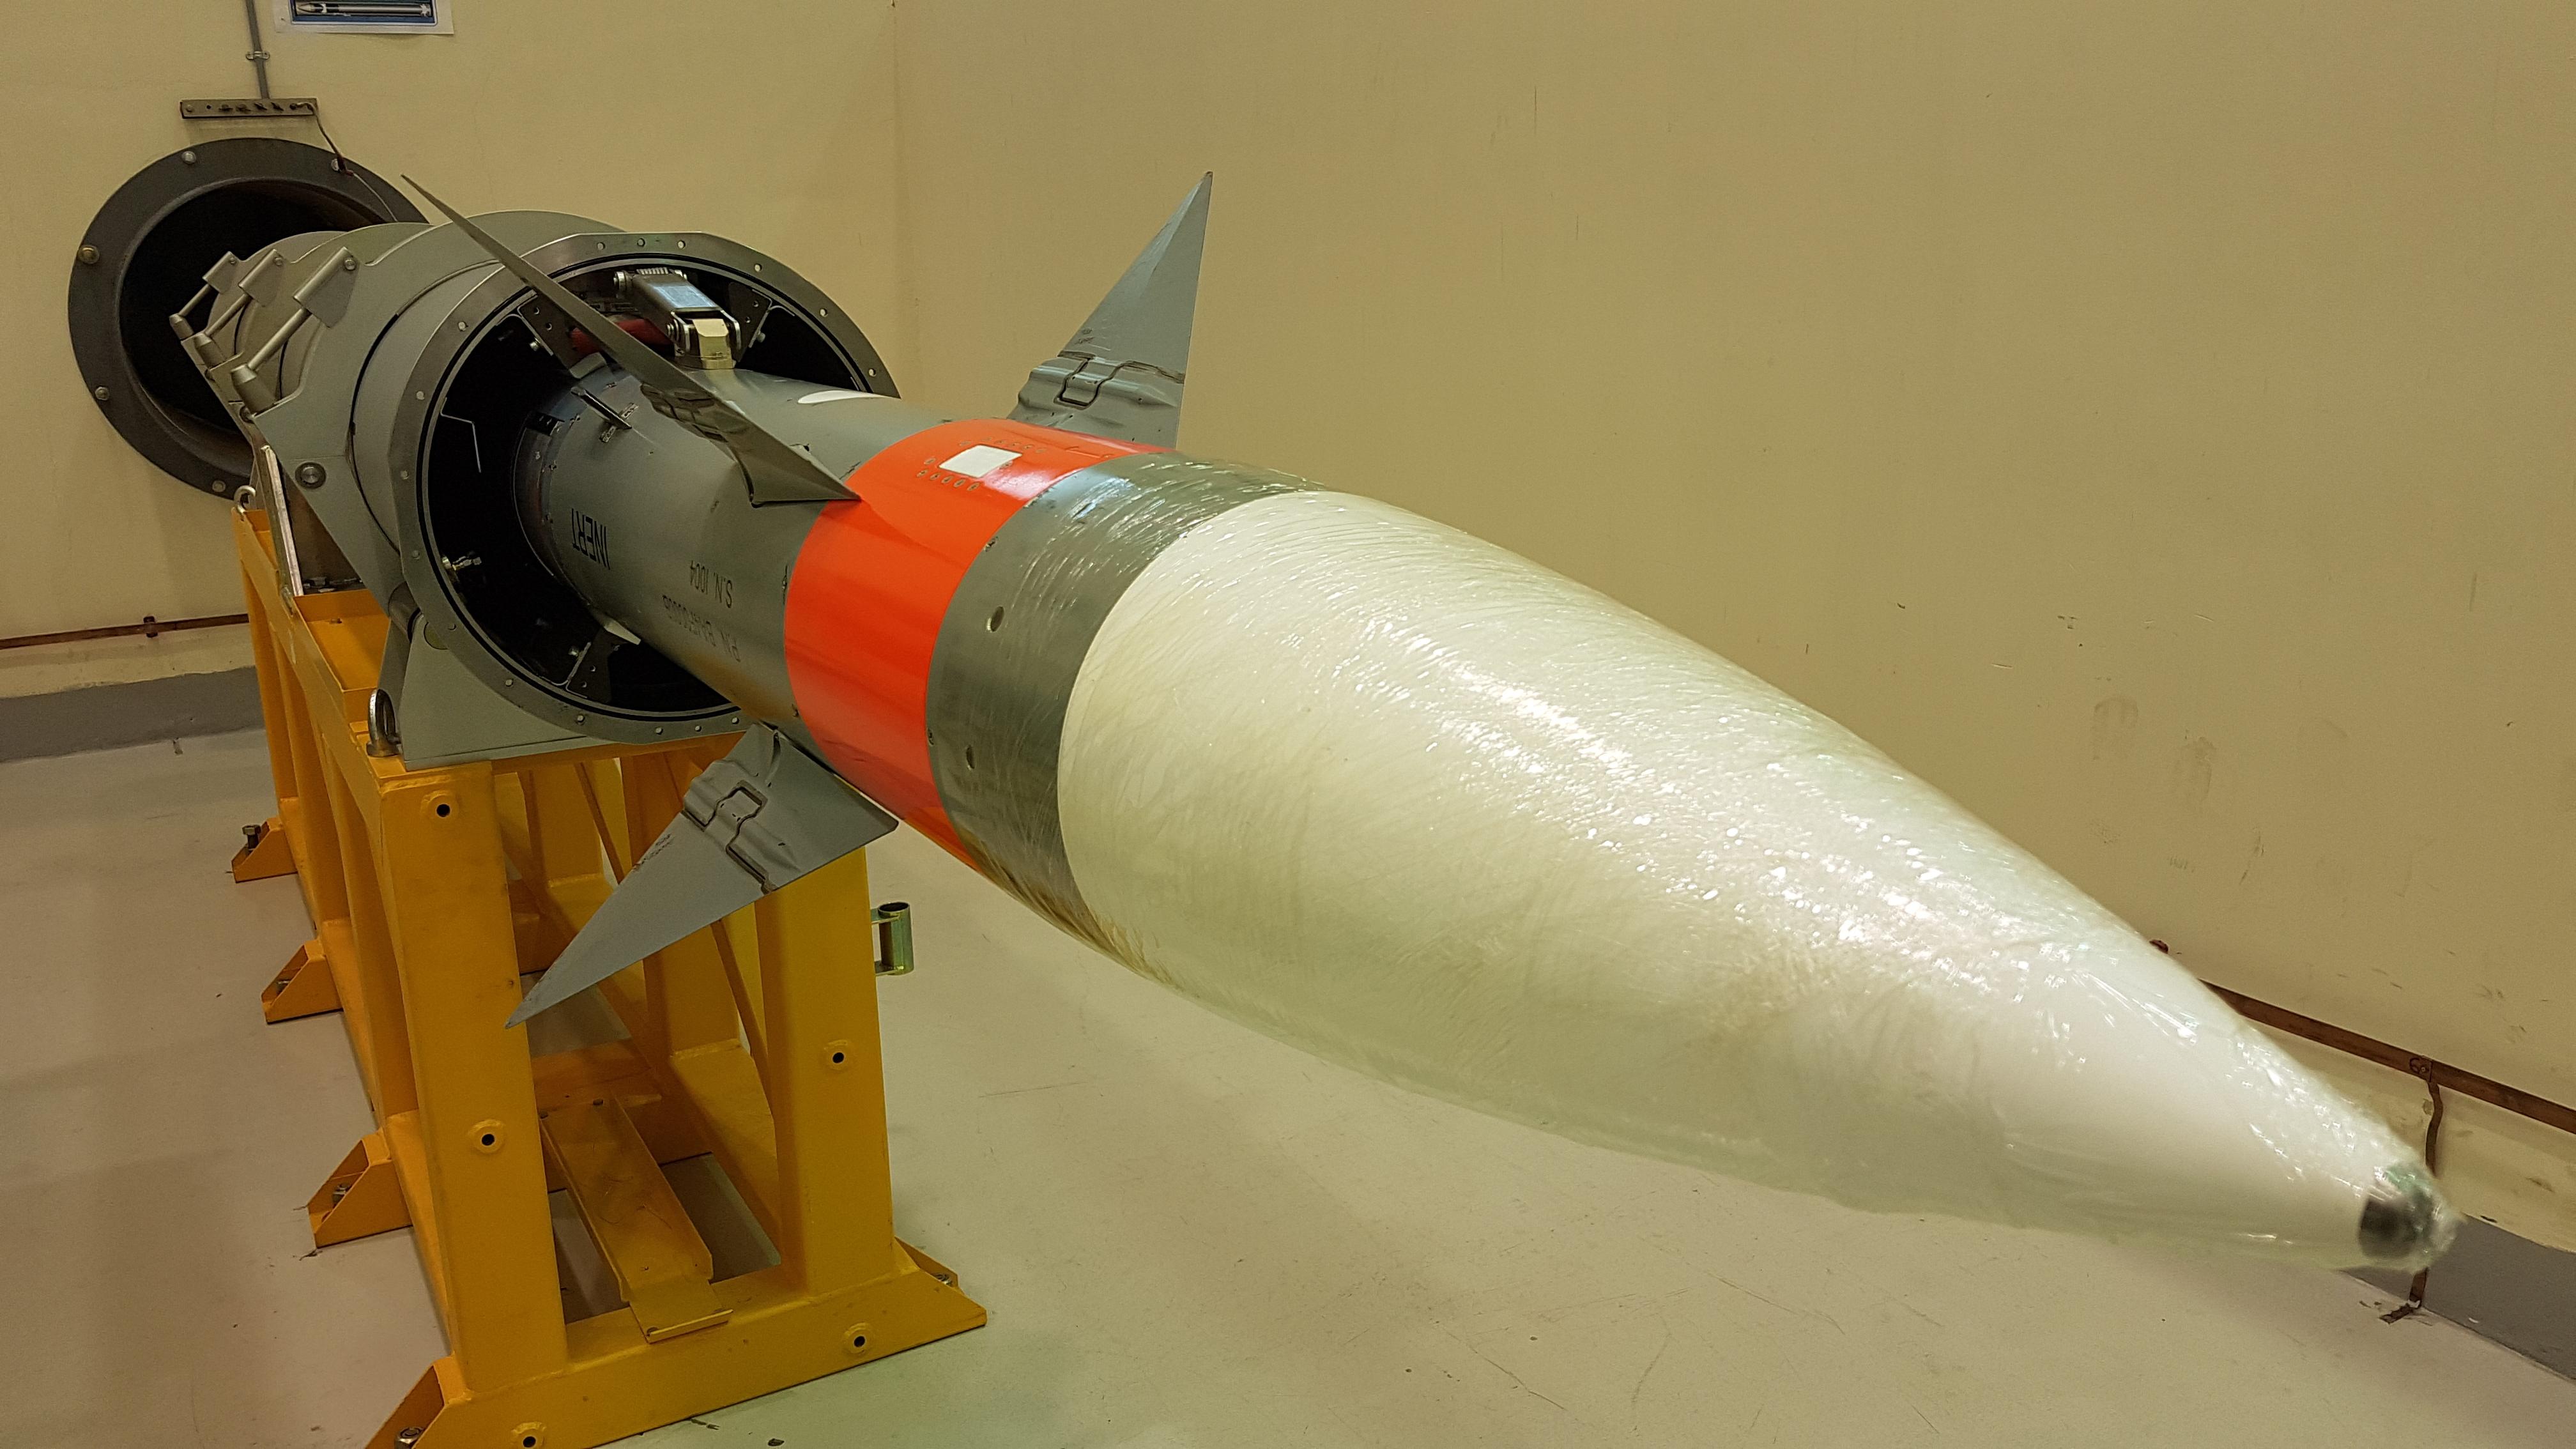 הטיל הישראלי הראשון שיוצר בהודו הוענק לחיל הים המקומי